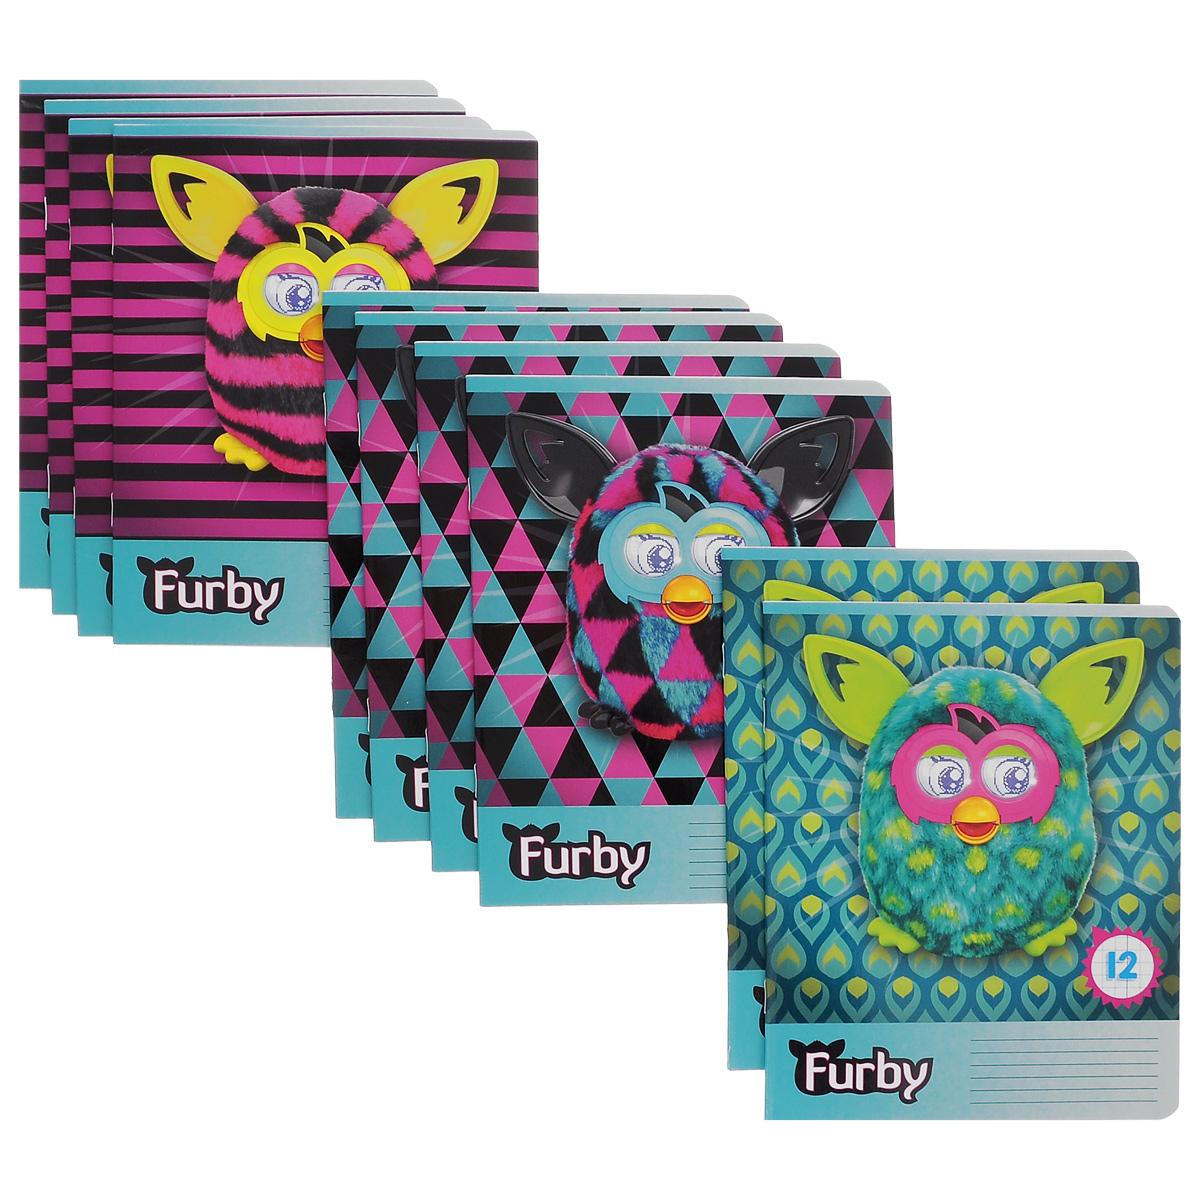 Набор тетрадей в клетку Furby, цвет: фиолетовый, бирюзовый, 12 листов, 10 шт. FB39/5FB39/5_Вид 2Комплект тетрадей Furby включает в себя 10 тетрадей в клетку по 12 листов. Обложка каждой тетради оформлена изображением игрушек Furby. На задней обложке каждой тетради представлена таблица умножения. Внутренний блок тетрадей состоит из 12 листов белой бумаги, соединенных скрепками. Стандартная линовка в клетку дополнена полями, совпадающими с лицевой и оборотной стороны листа. В наборе представлены тетради с тремя вариантами изображений Furby.